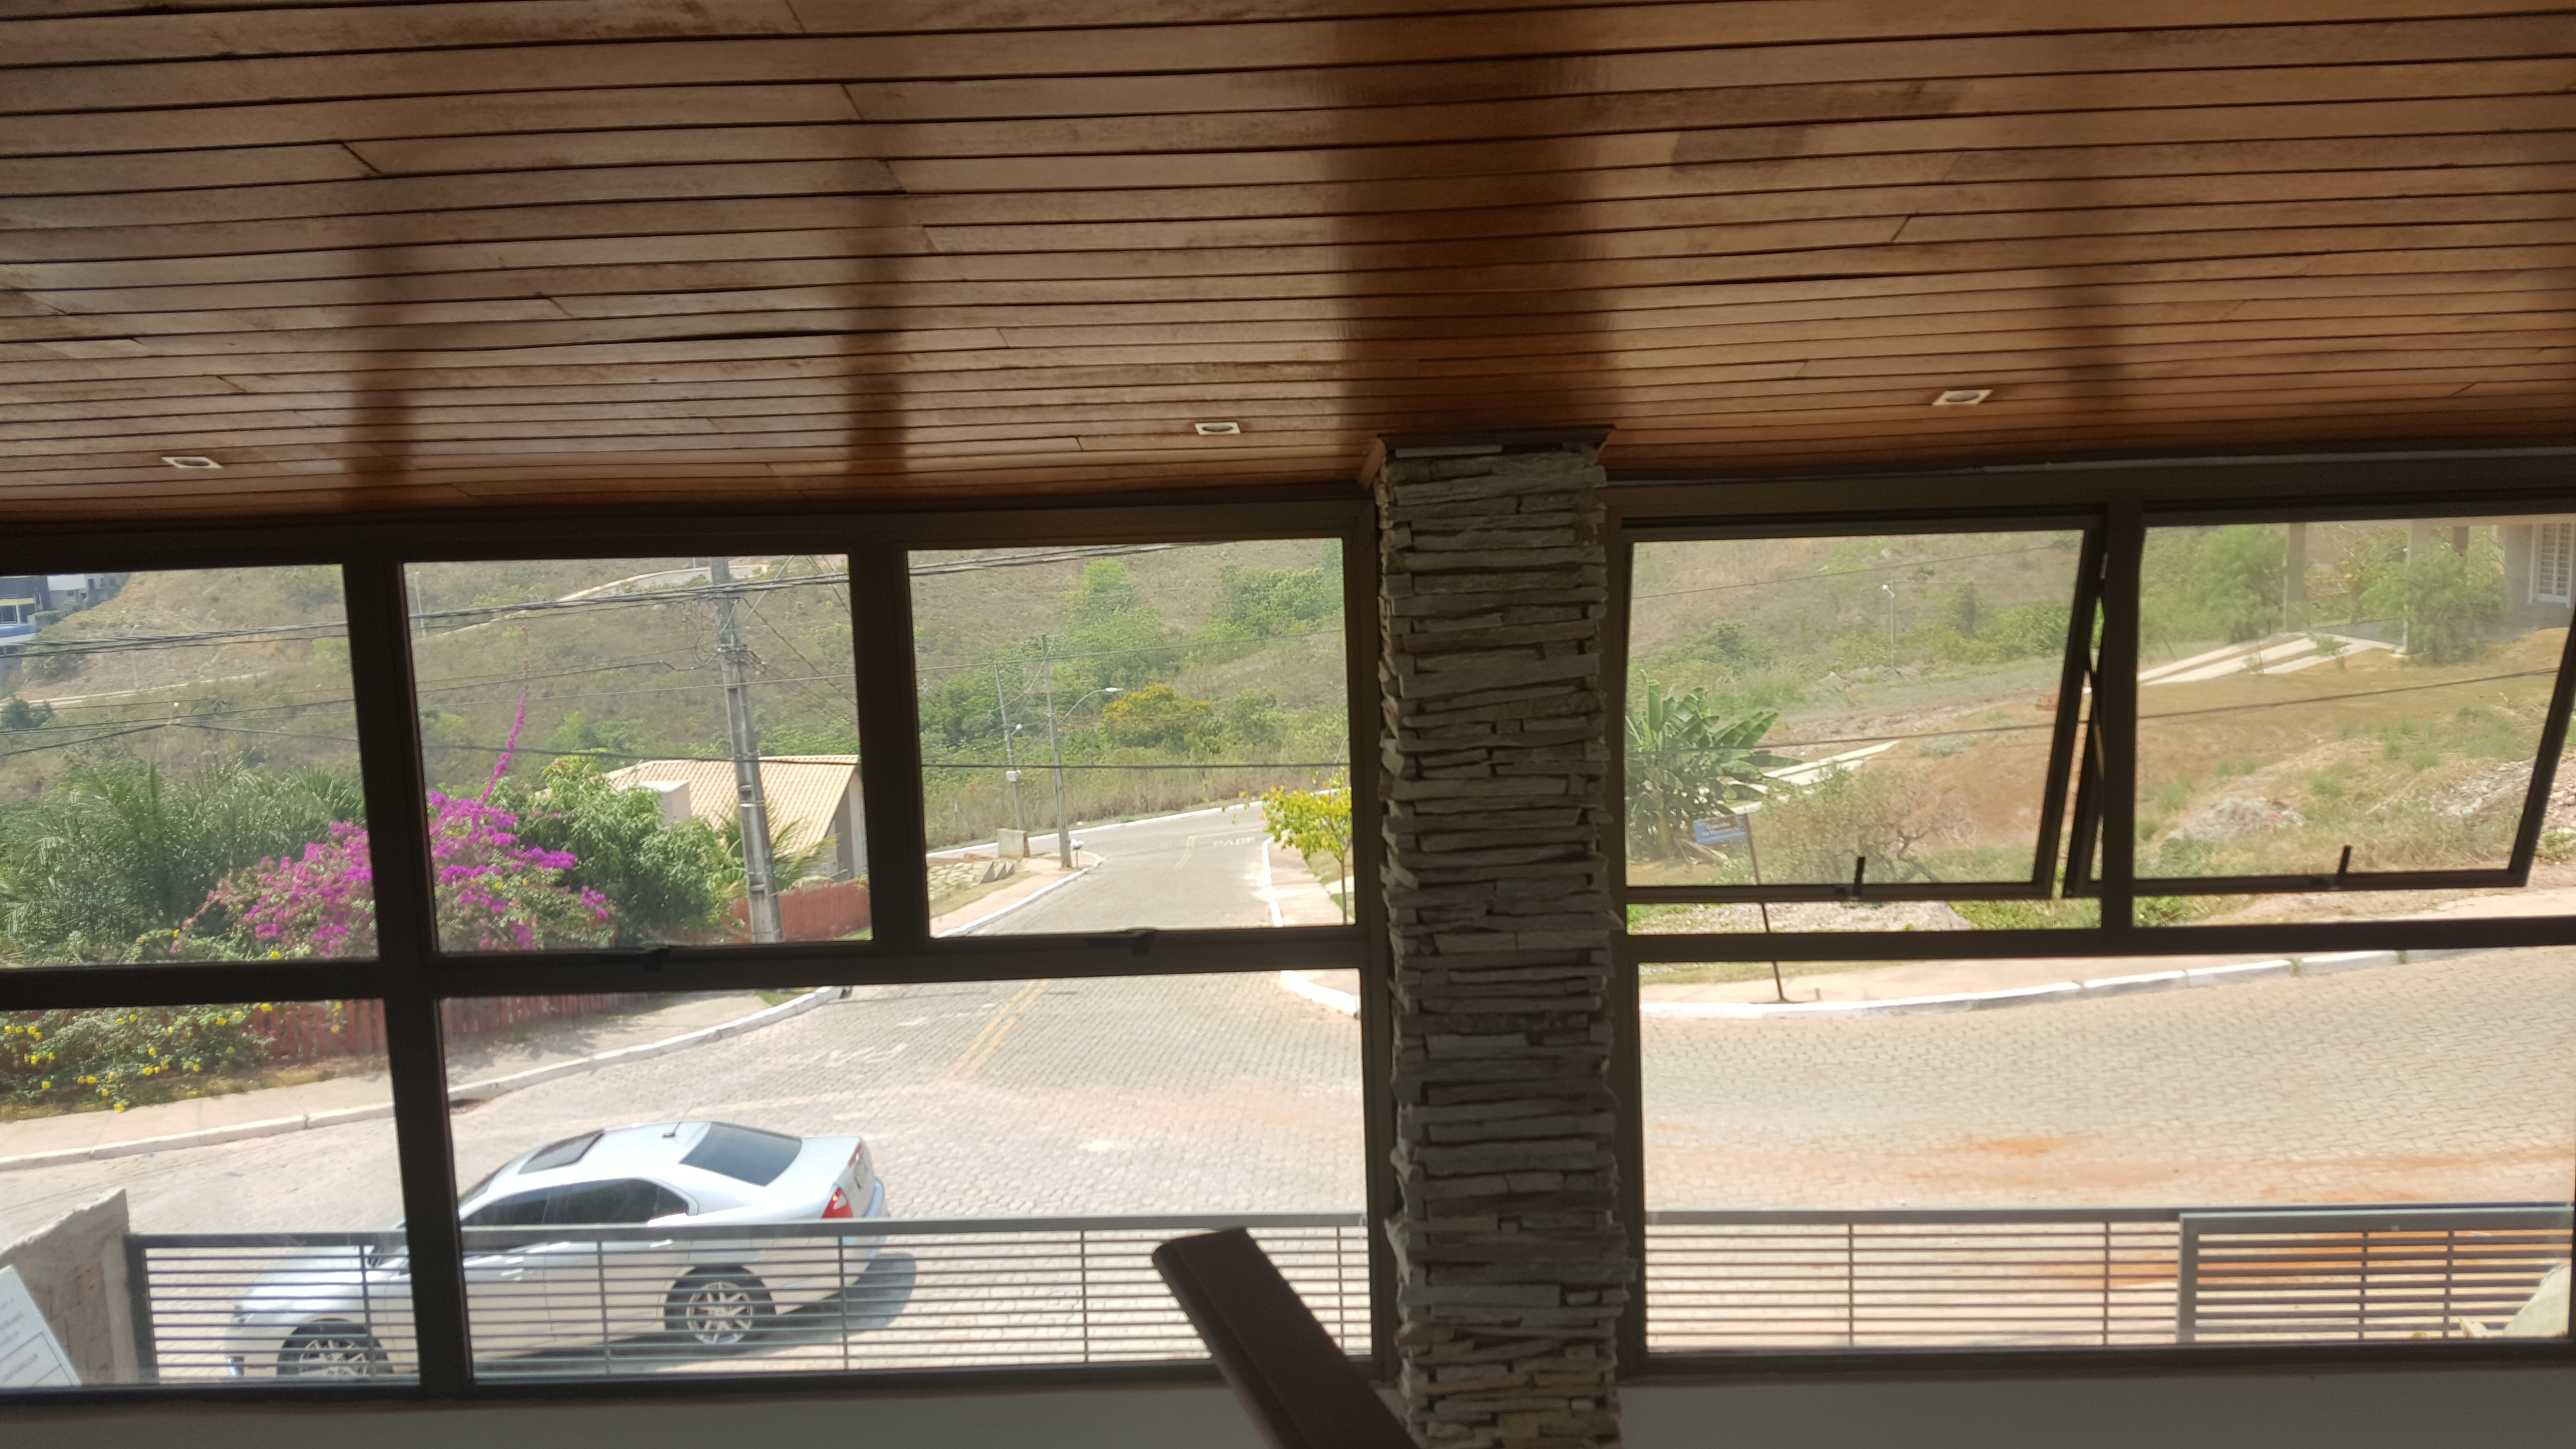 Empresa_de_Construção_no_Lago_Sul,_Brasilia,_Distrito_Federal_-_DF